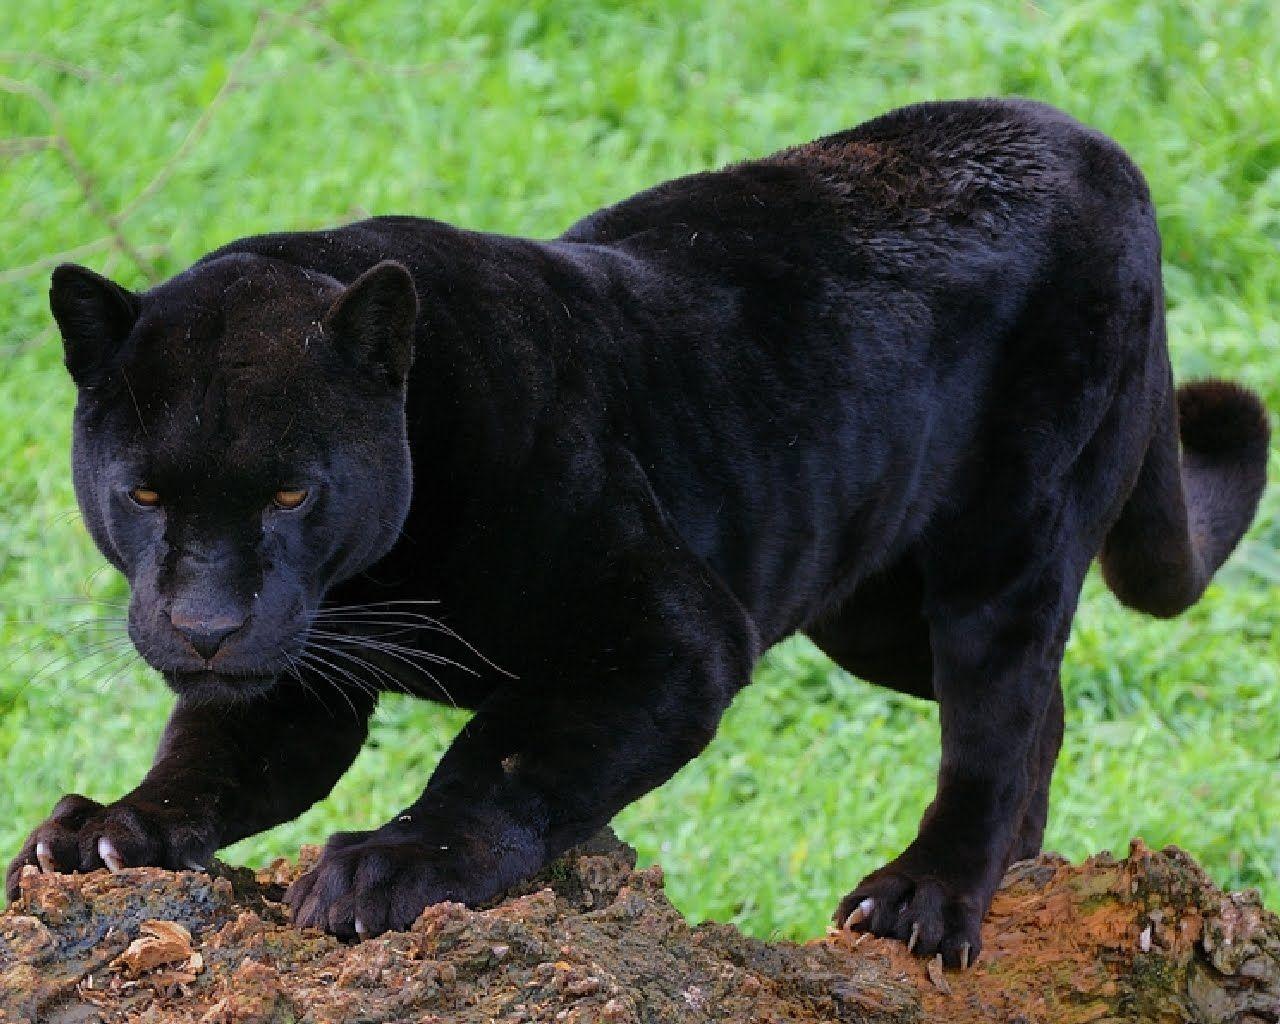 Fotografías de Panteras Negras - Felinos - Black Panthers Just ...